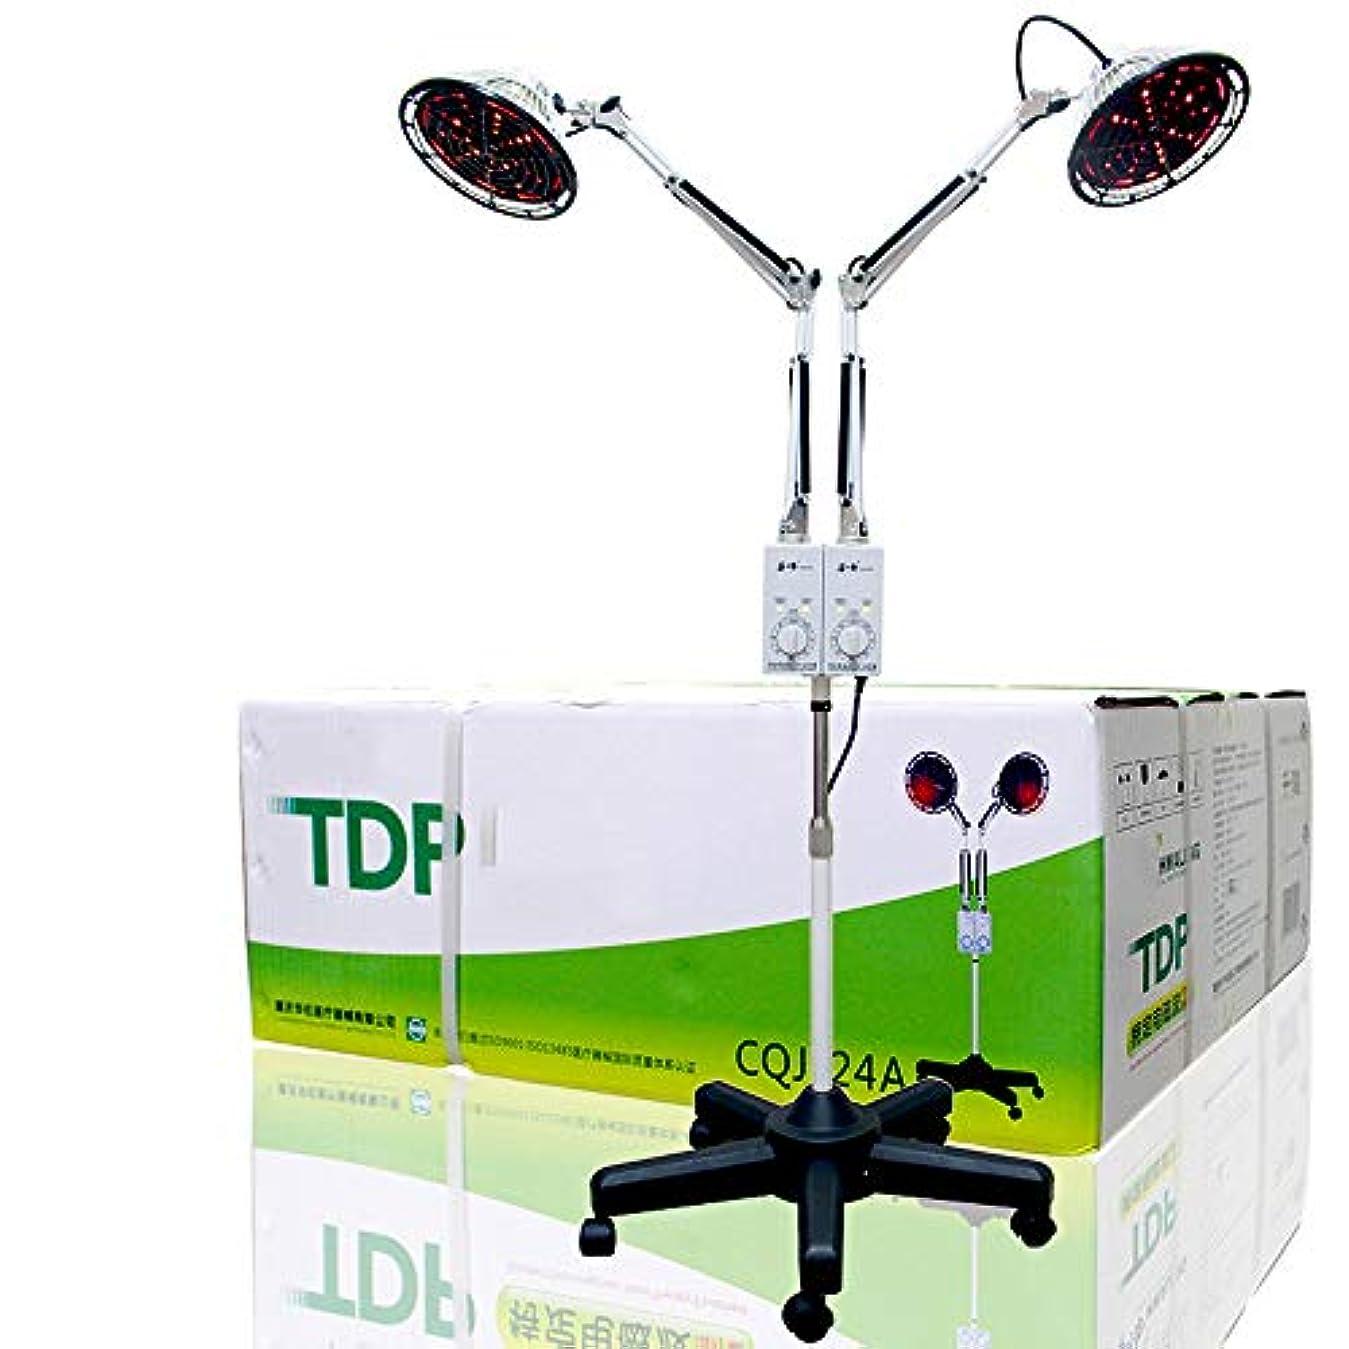 偏心ベーシックドール赤外線ヒーティングランプ、TDPベーキングランプ、電磁波治療装置、家庭医療、鎮和骨痛、変形性関節症、リウマチ、